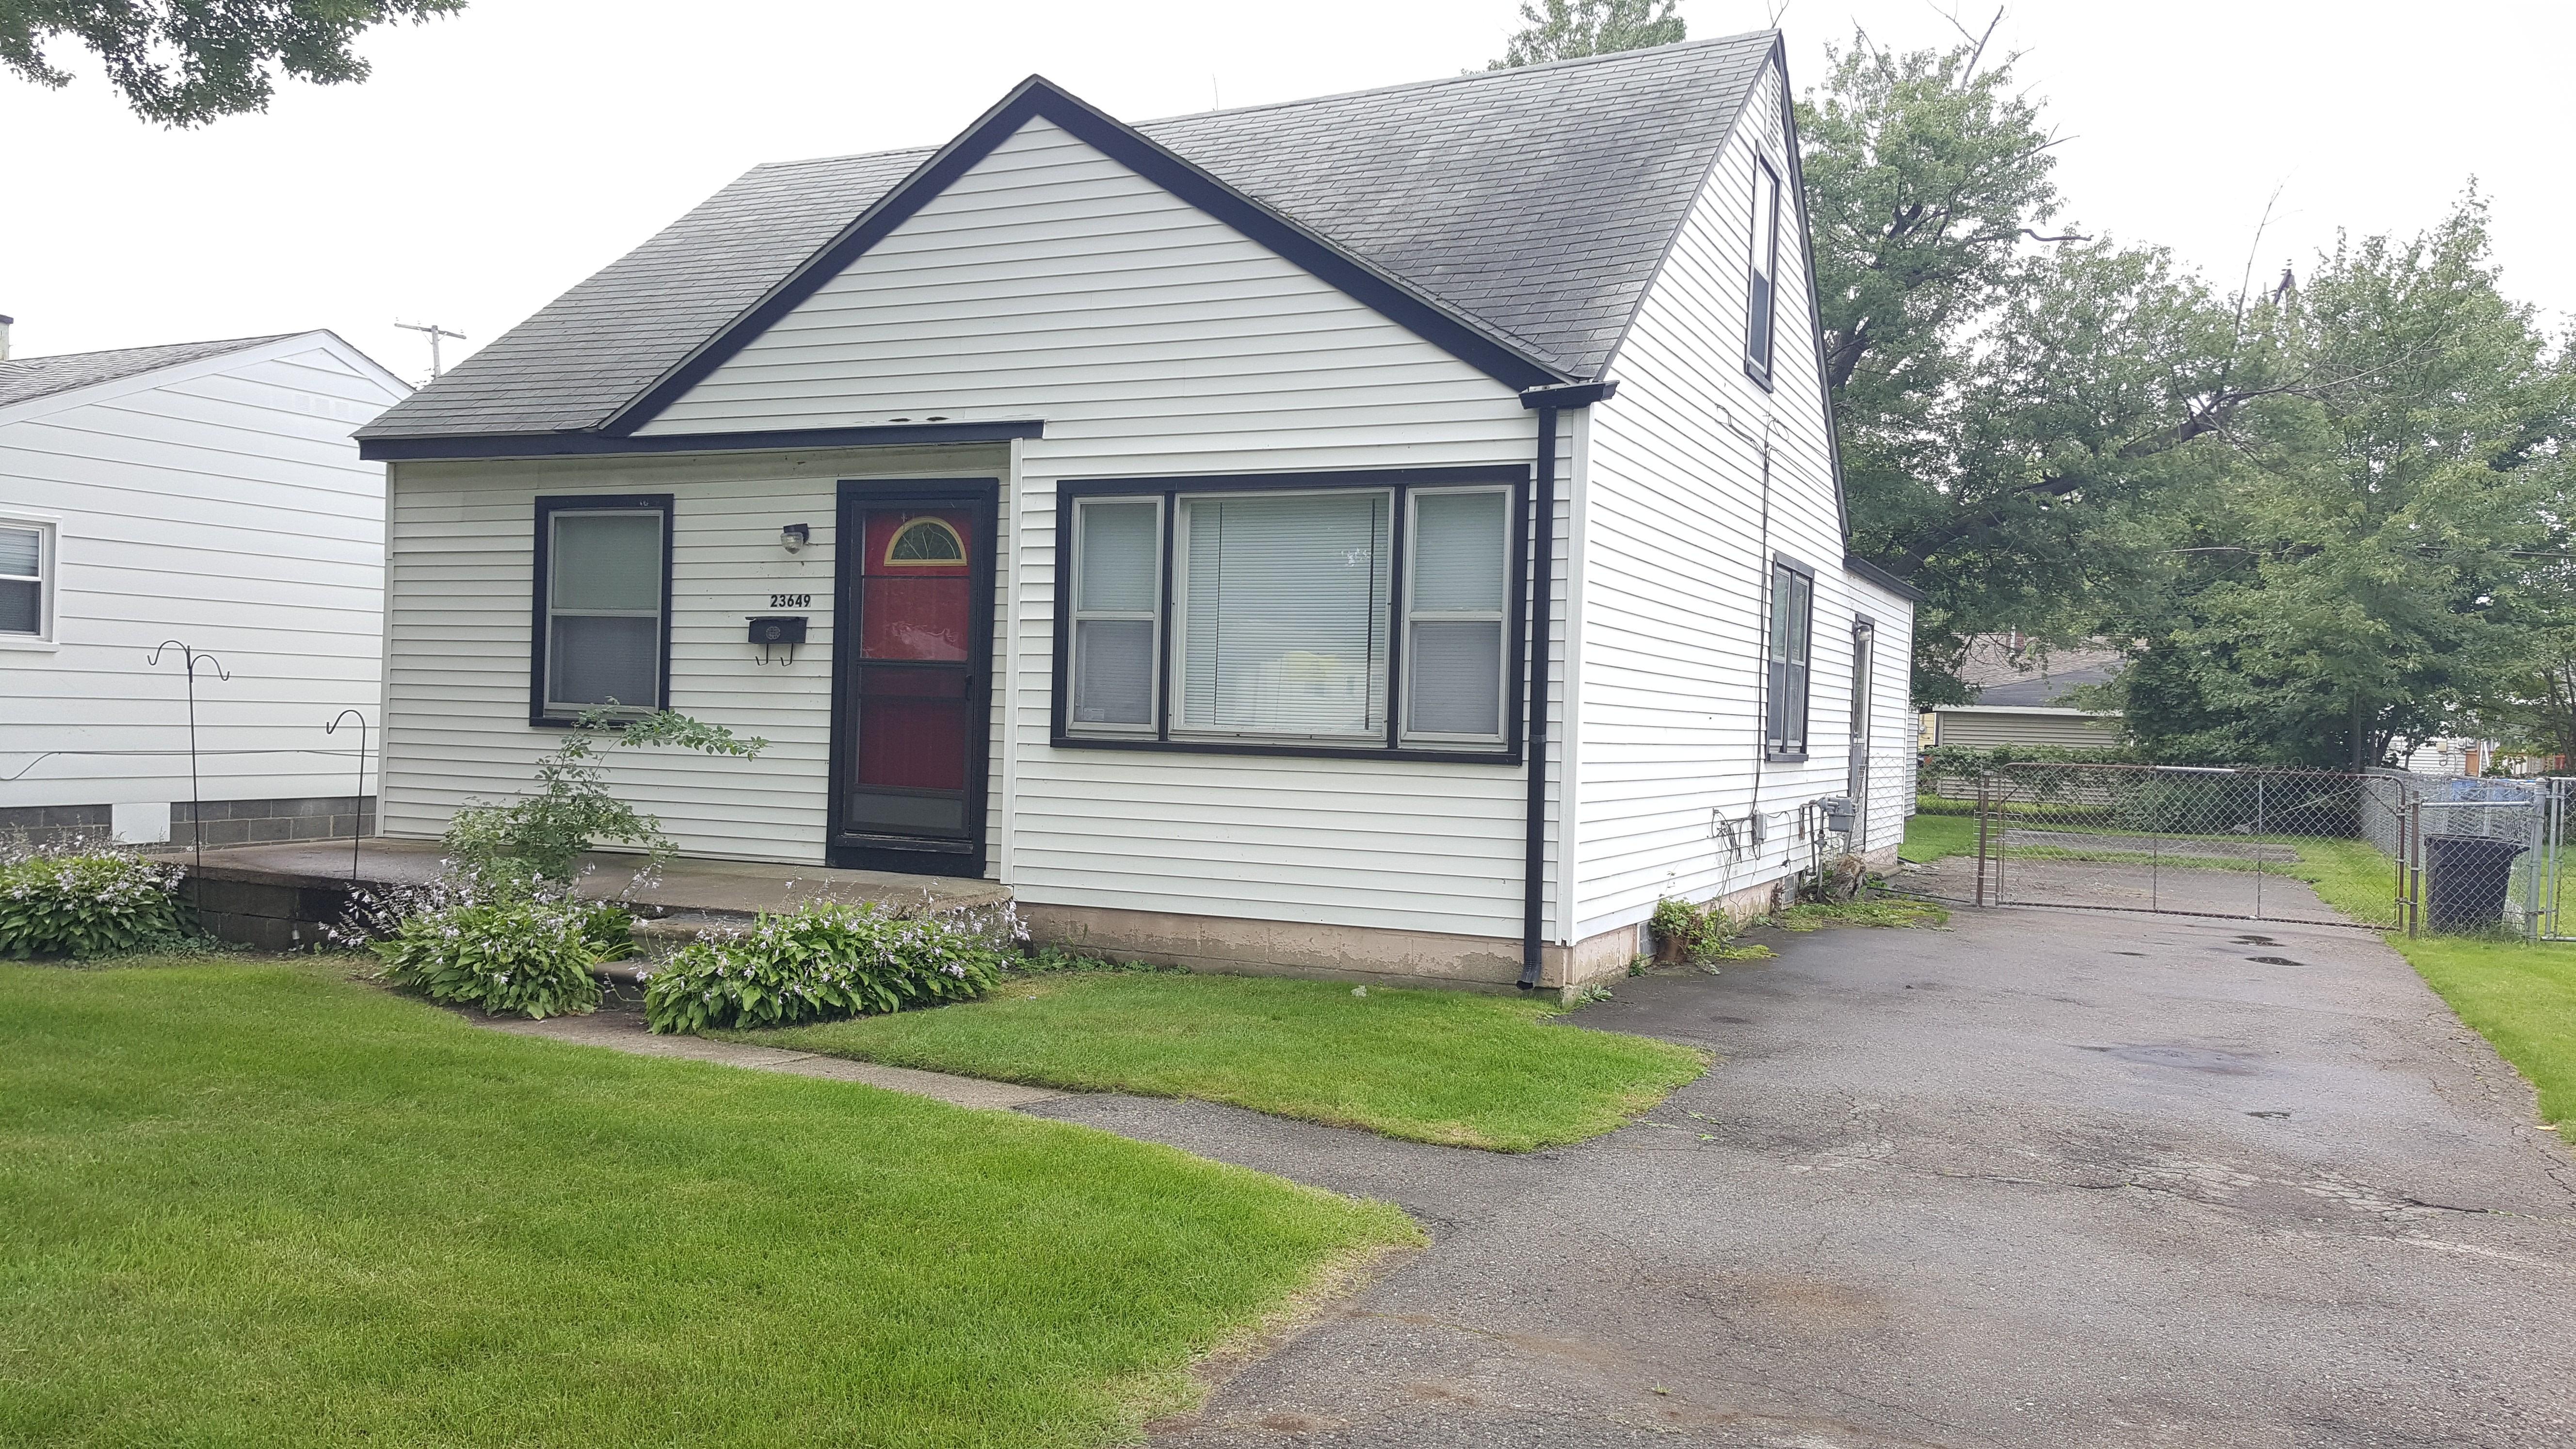 14865 Mona Ave Warren Mi 48089 3 Bedroom Apartment For Rent Padmapper